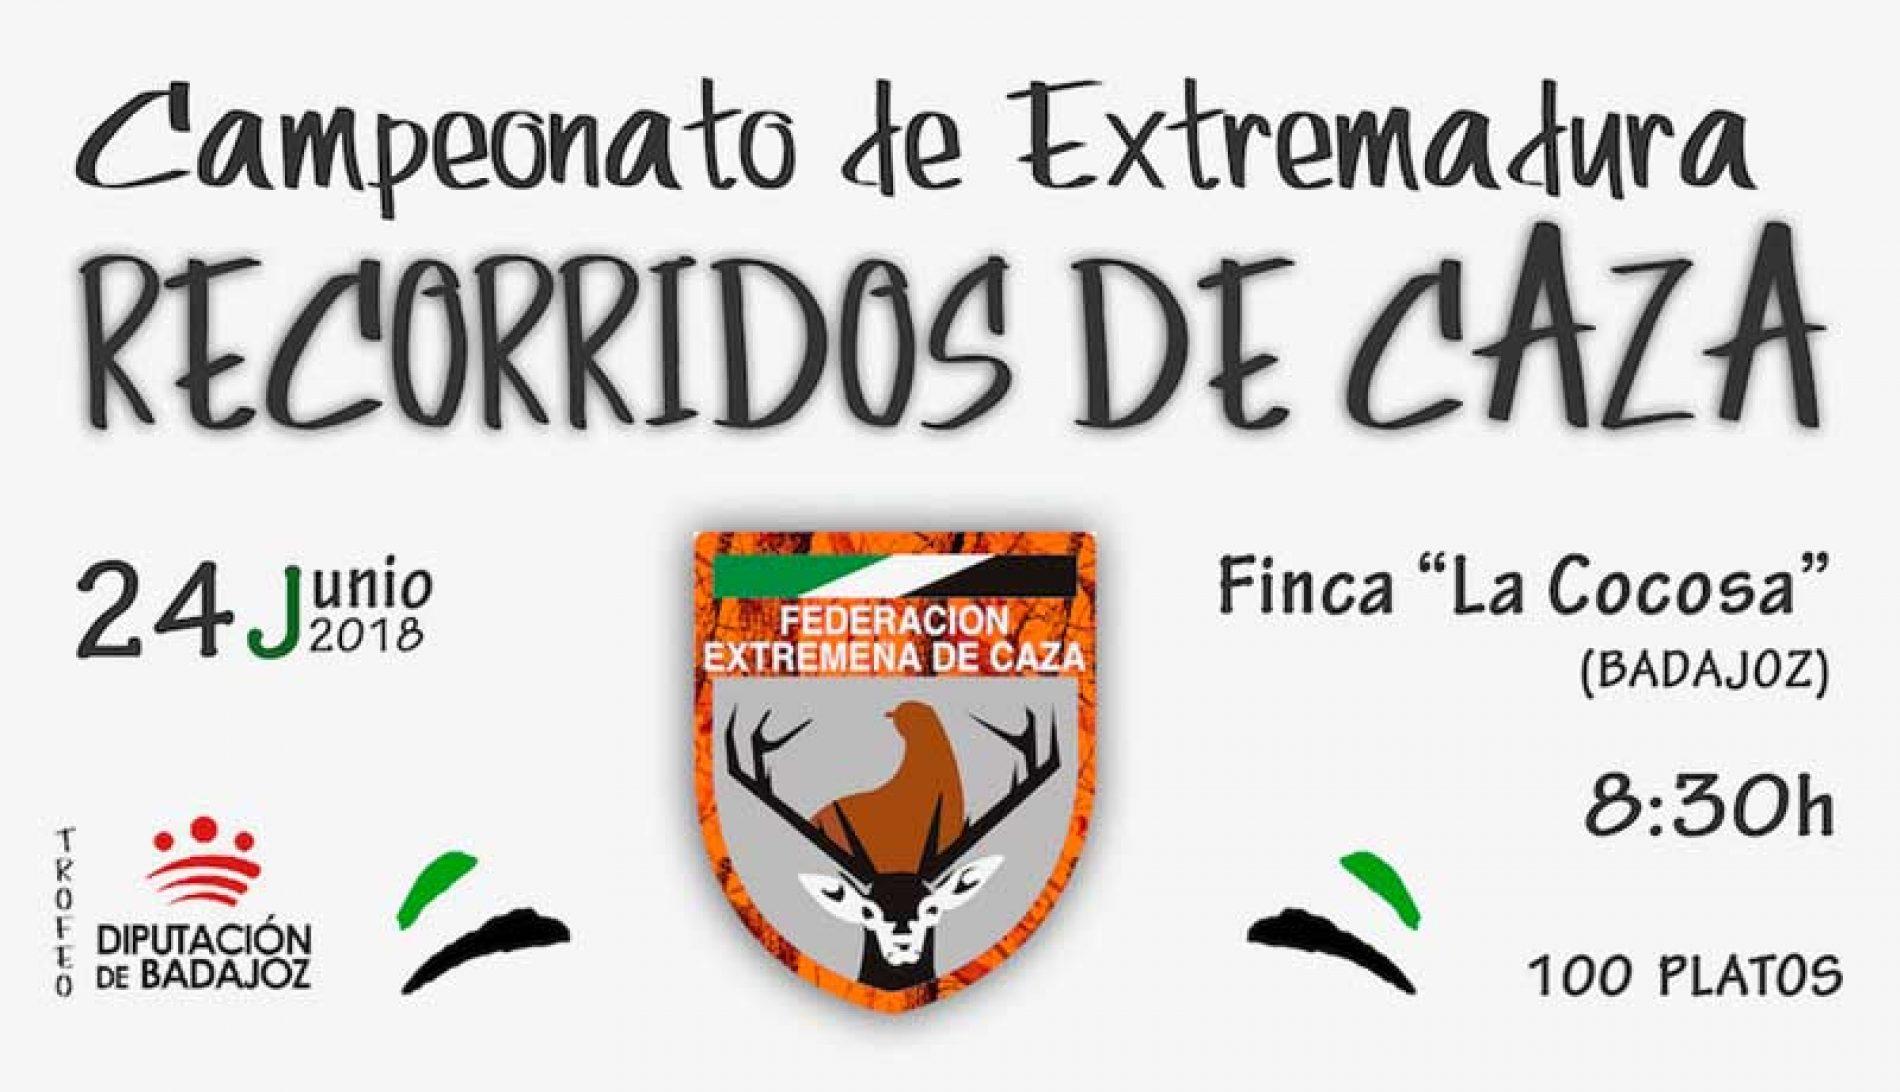 Campeonato de Extremadura de Recorridos de Caza, clasificatorio para el nacional